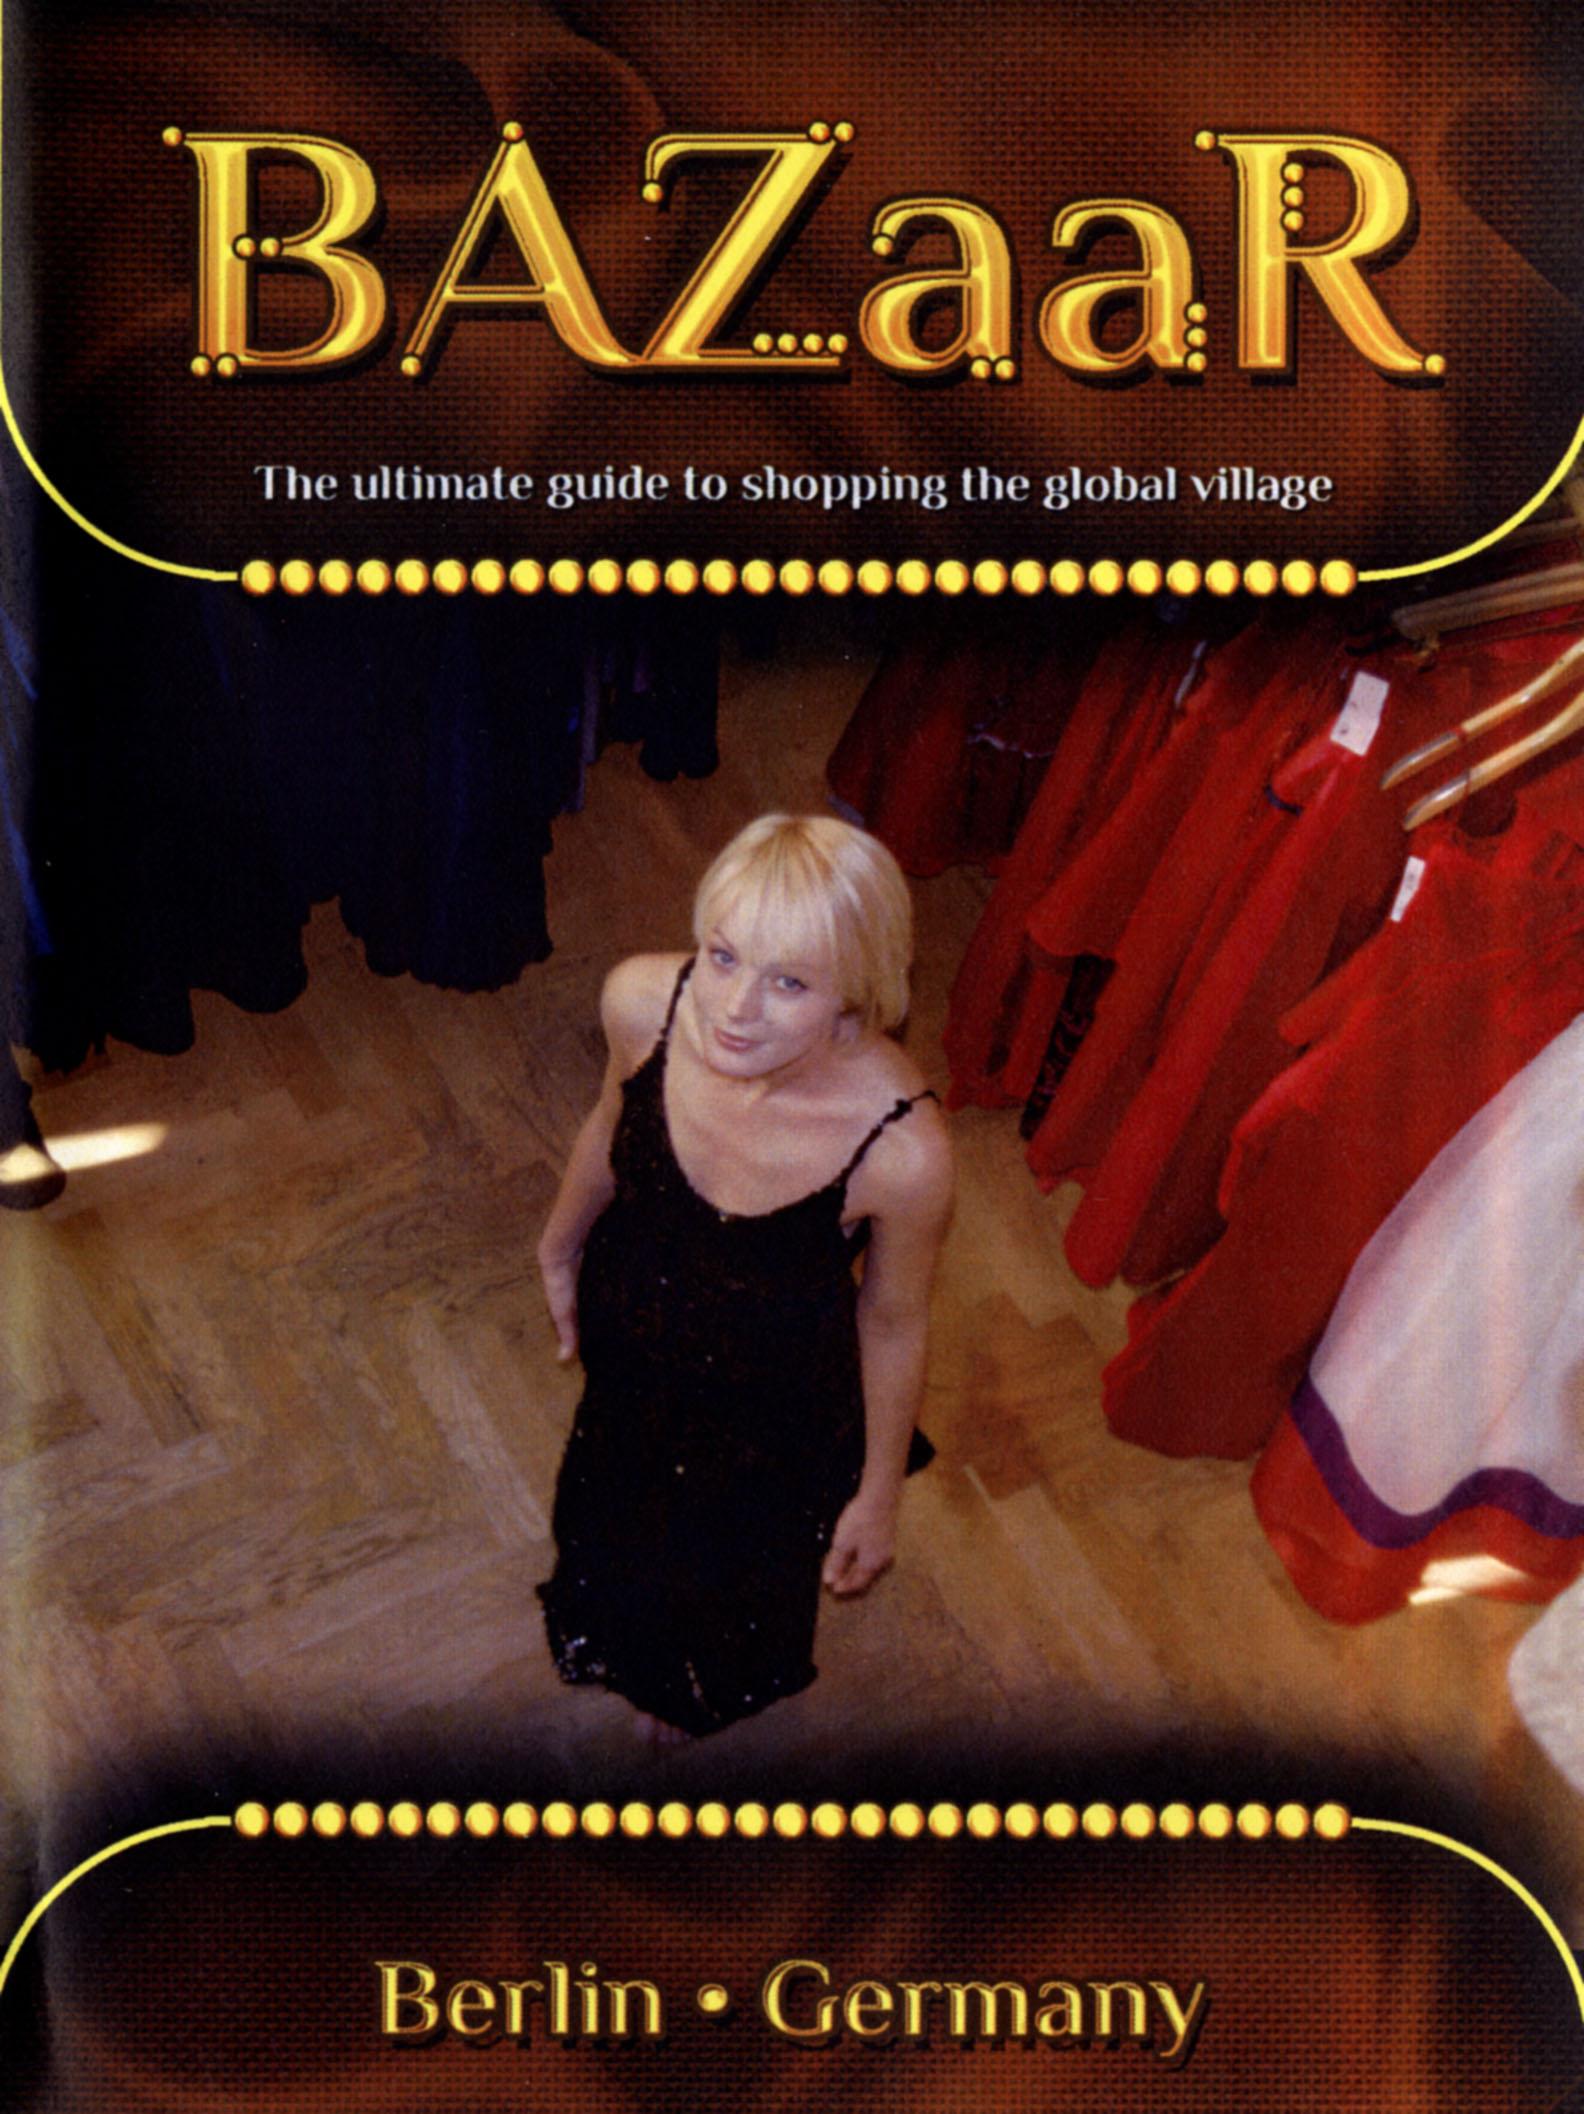 BAZaaR: Berlin, Germany